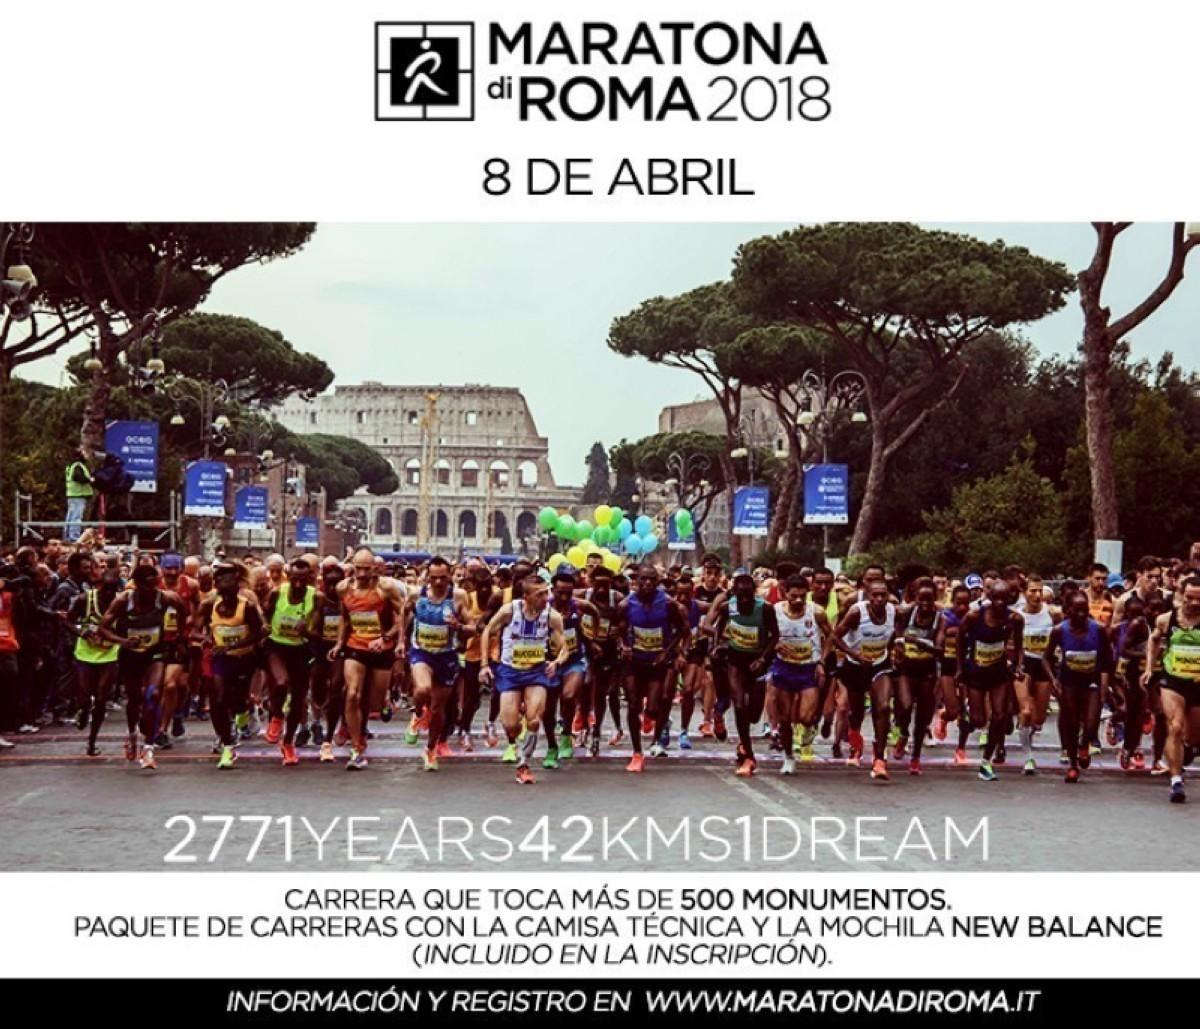 Inscríbete en la Maratona di Roma 2018